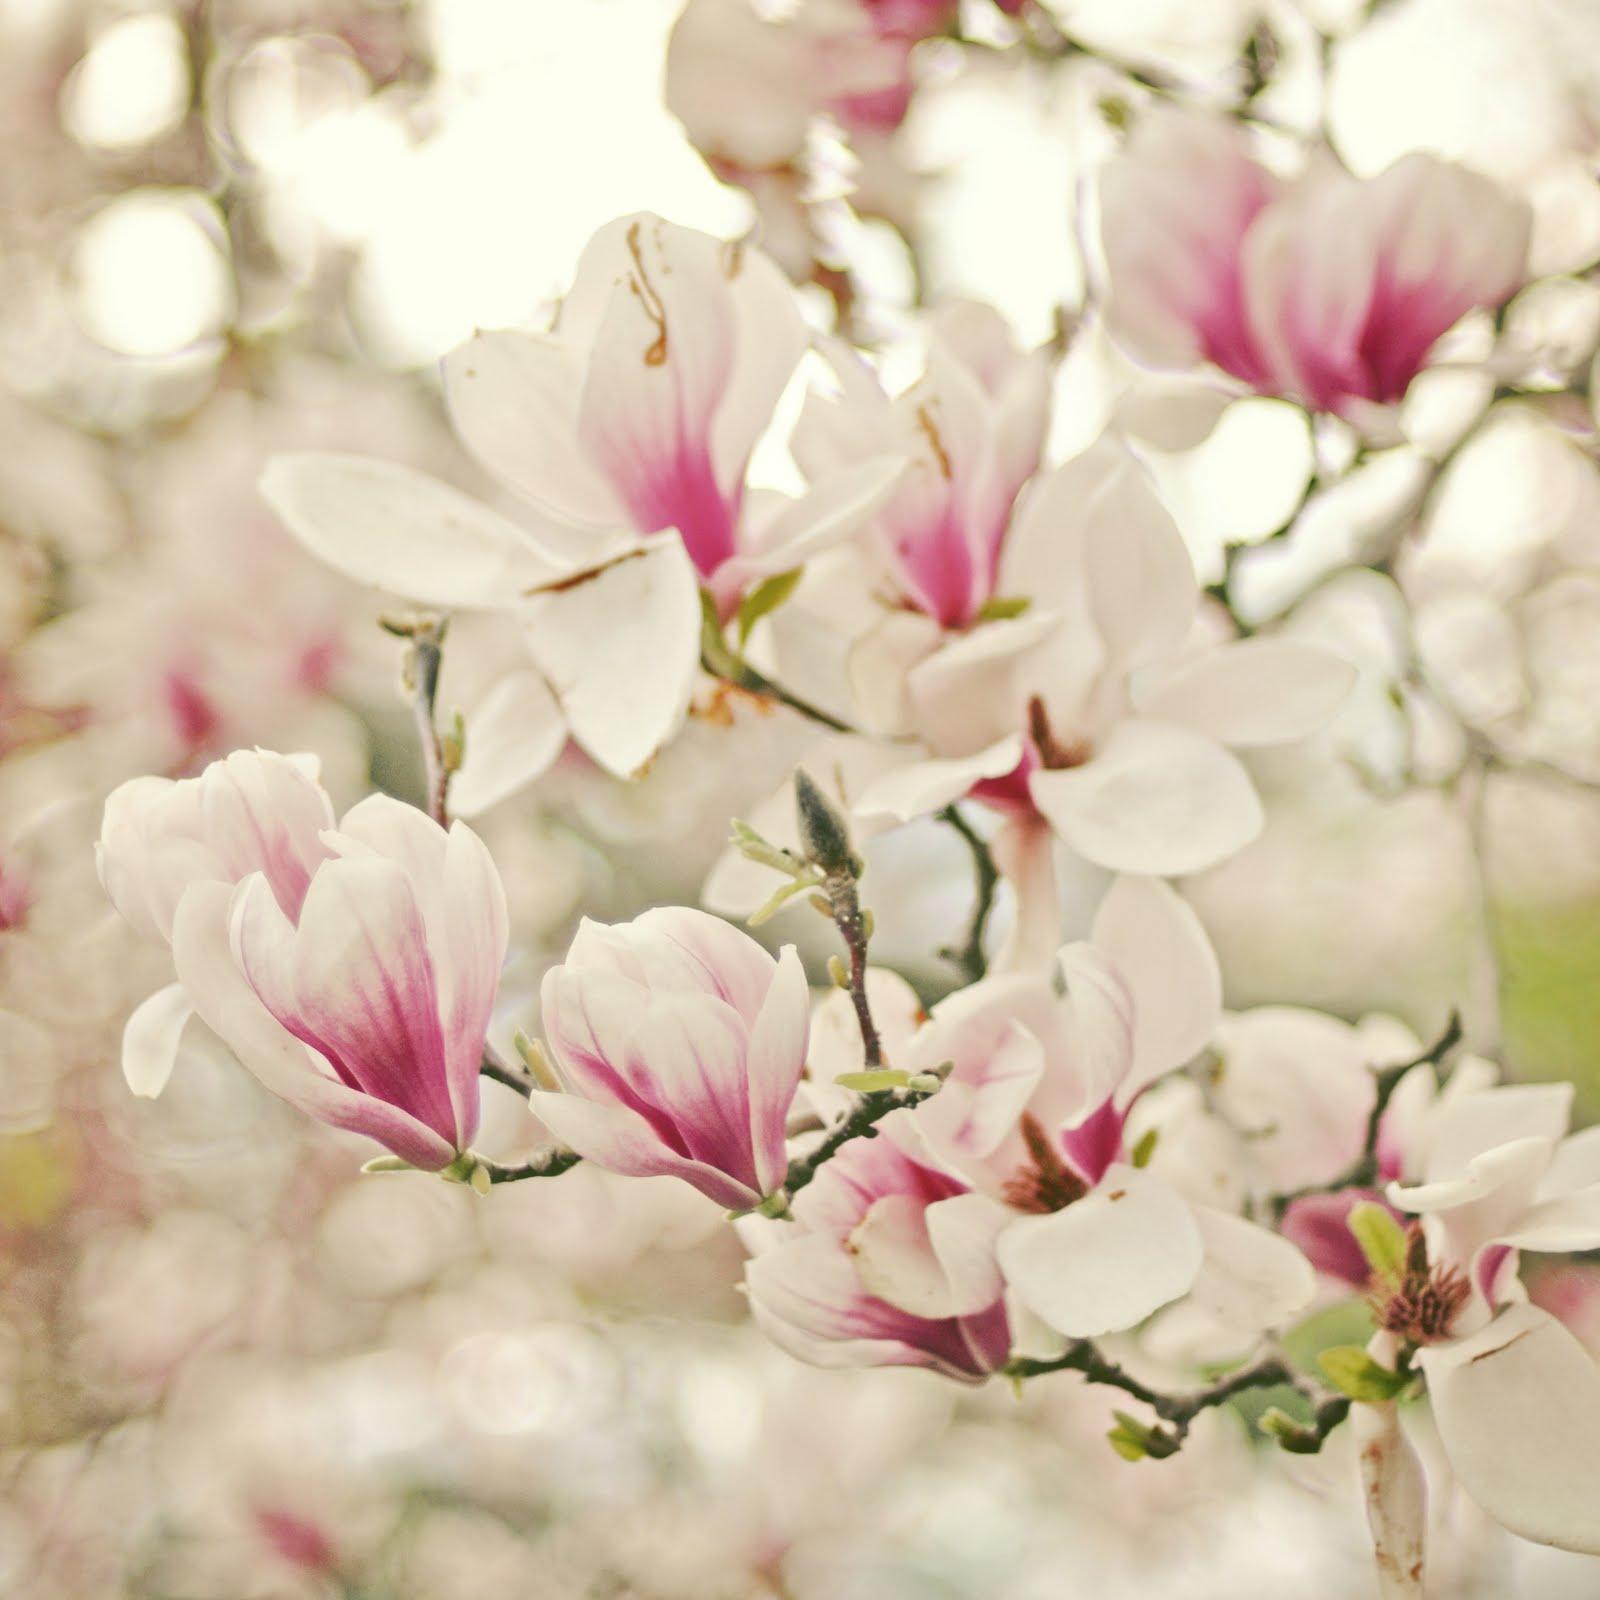 Magnolias en flor :: Imágenes y fotos Florespedia com - Imagenes De Flores Magnolias